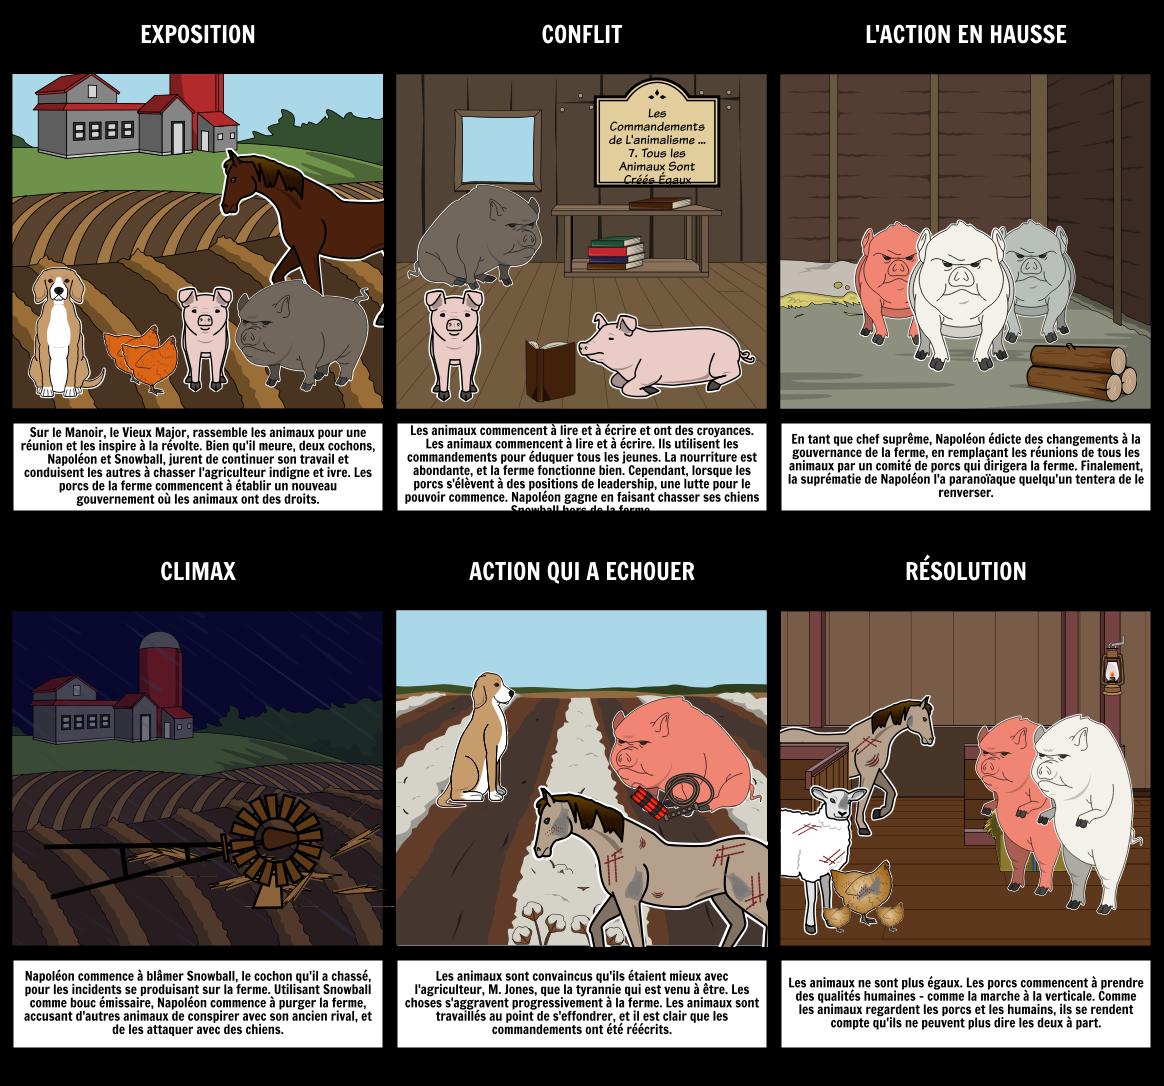 Ferme Animale Résumé - Diagramme